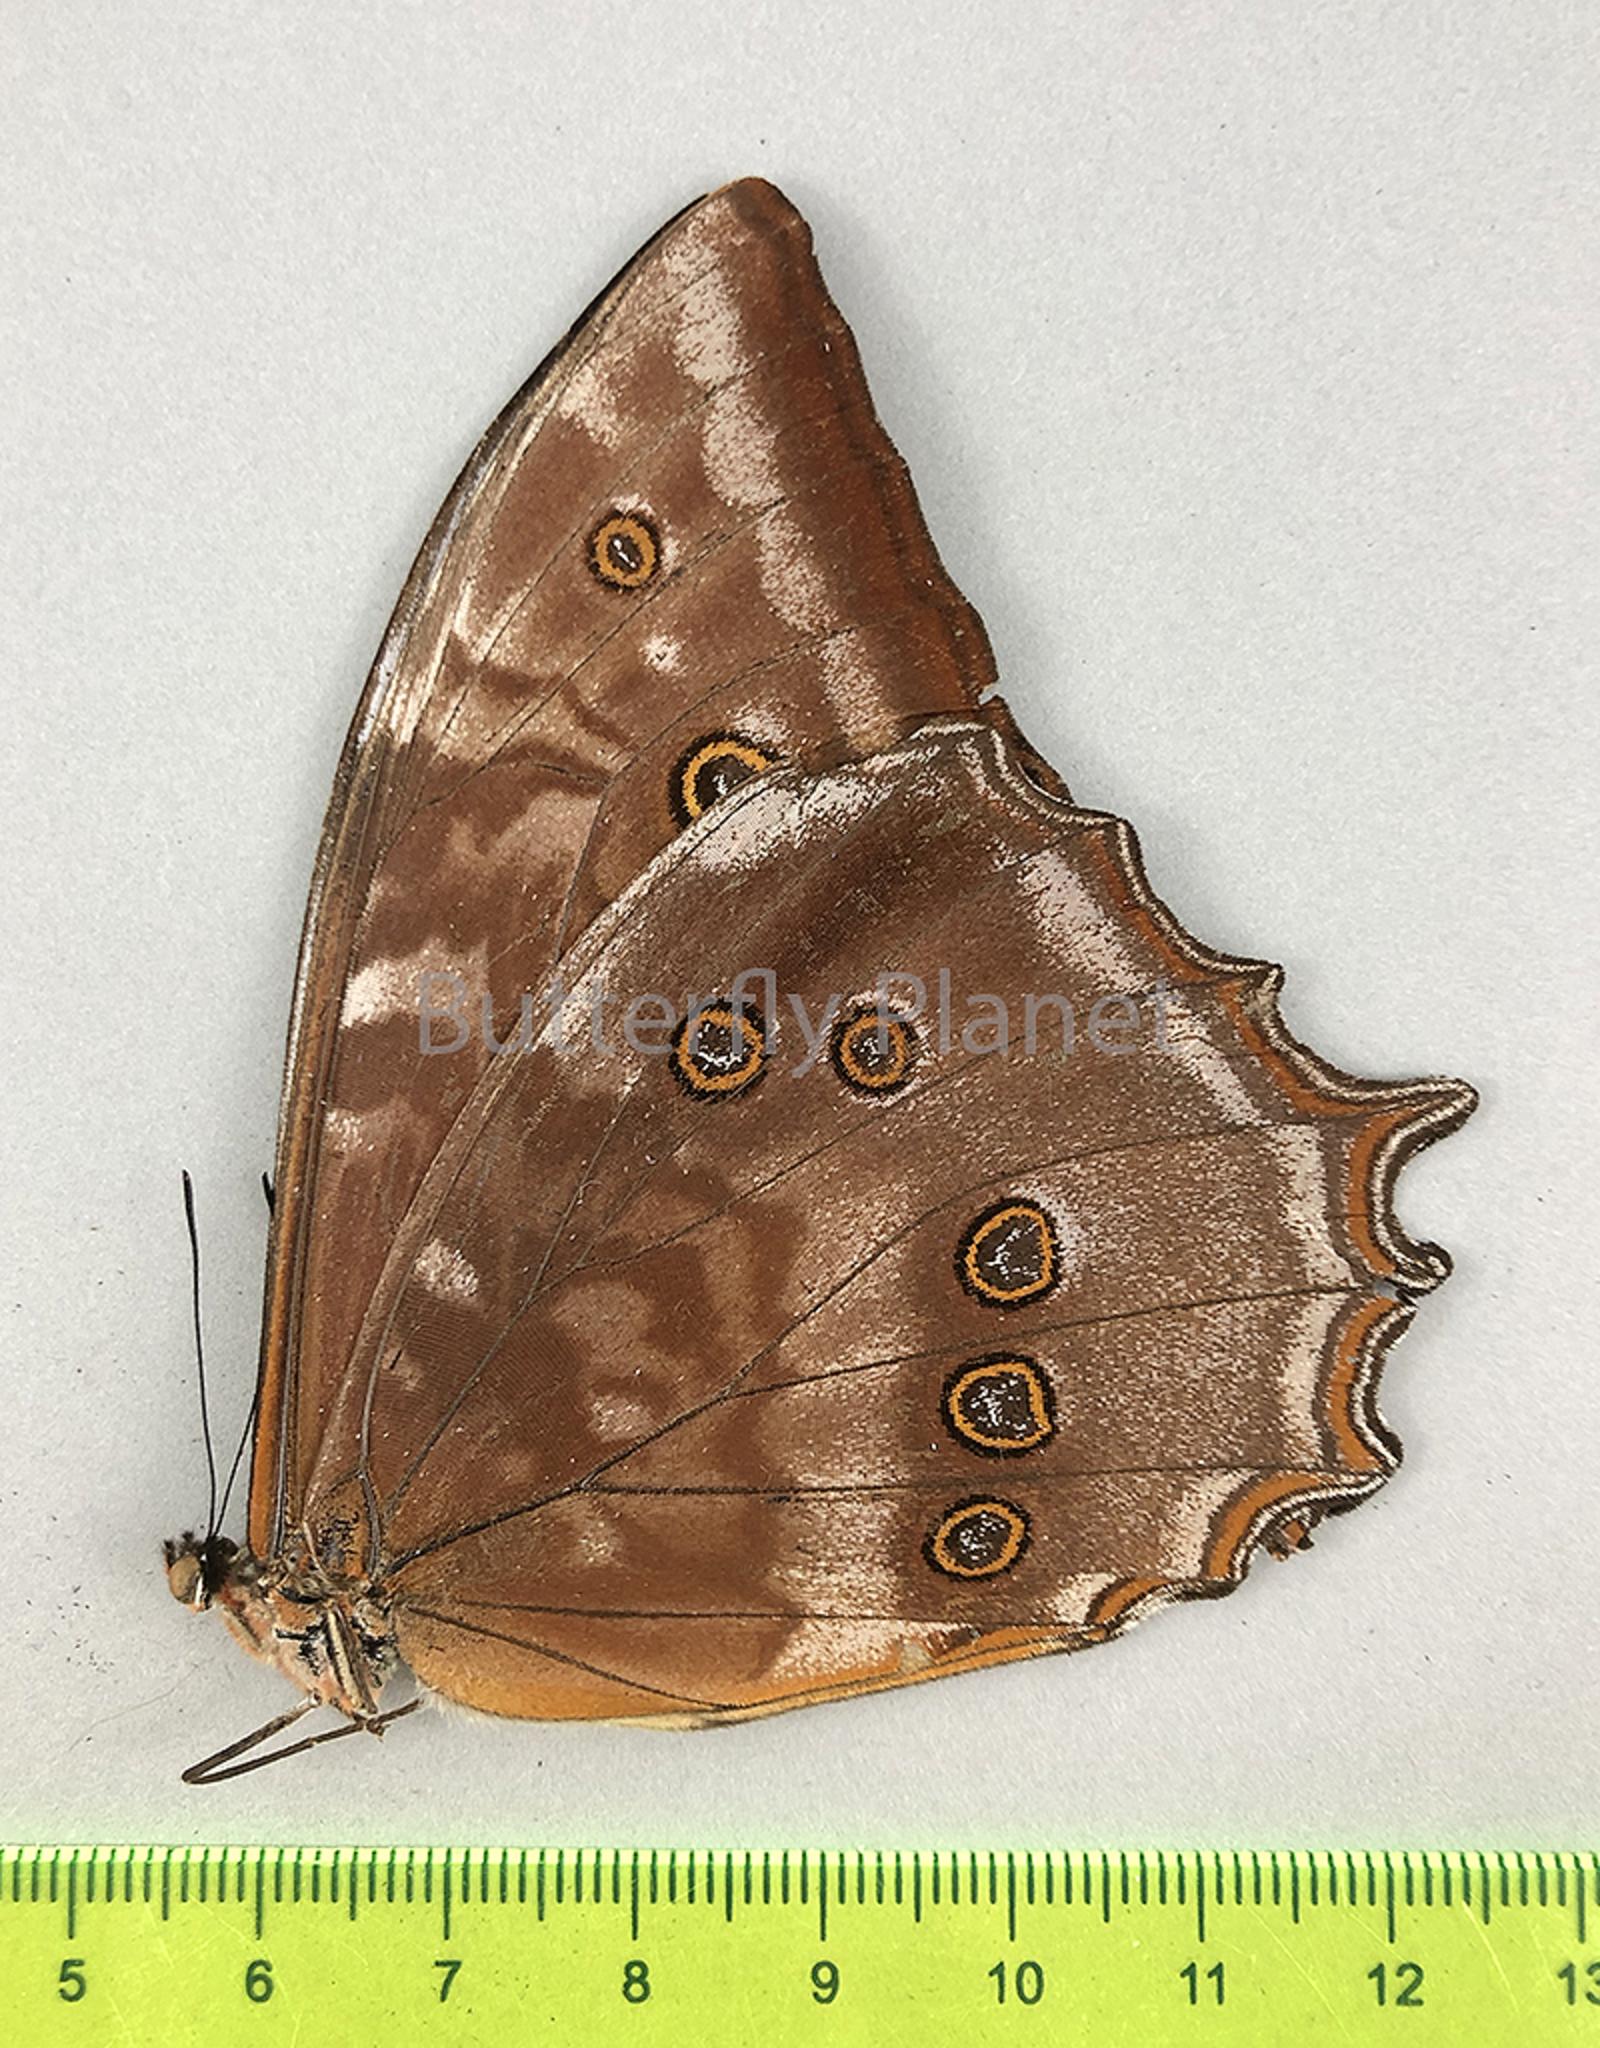 Morpho theseus juturna M A2 UHV, Peru